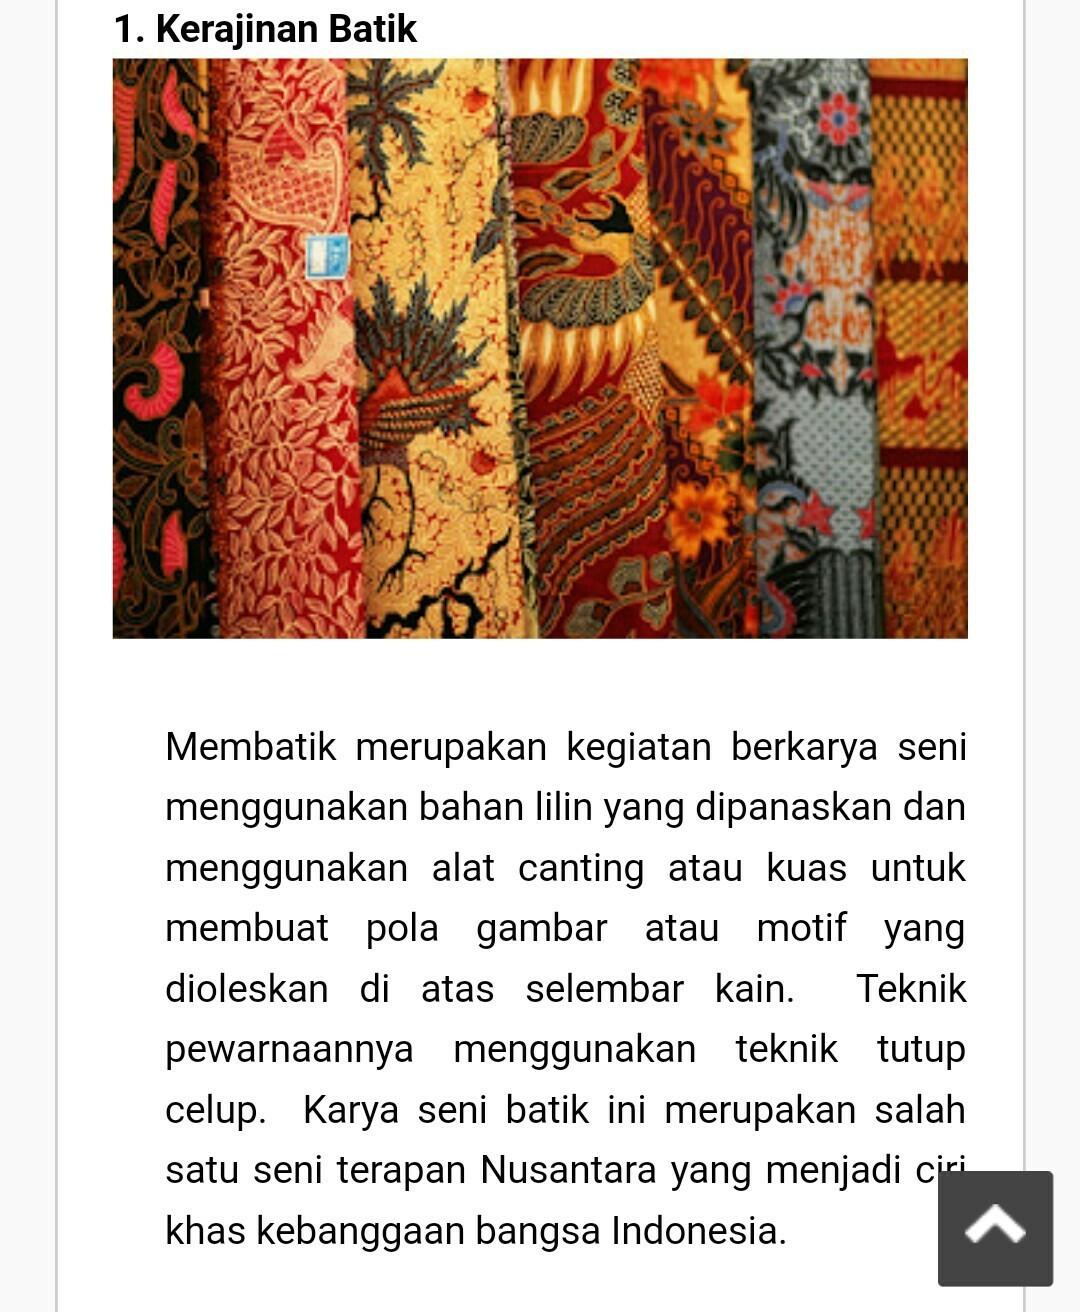 Jenis Jenis Kerajinan Nusantara : jenis, kerajinan, nusantara, Jenis, Kerajinan, Tekstil, Dengan, Keterangan, Gambar, Brainly.co.id